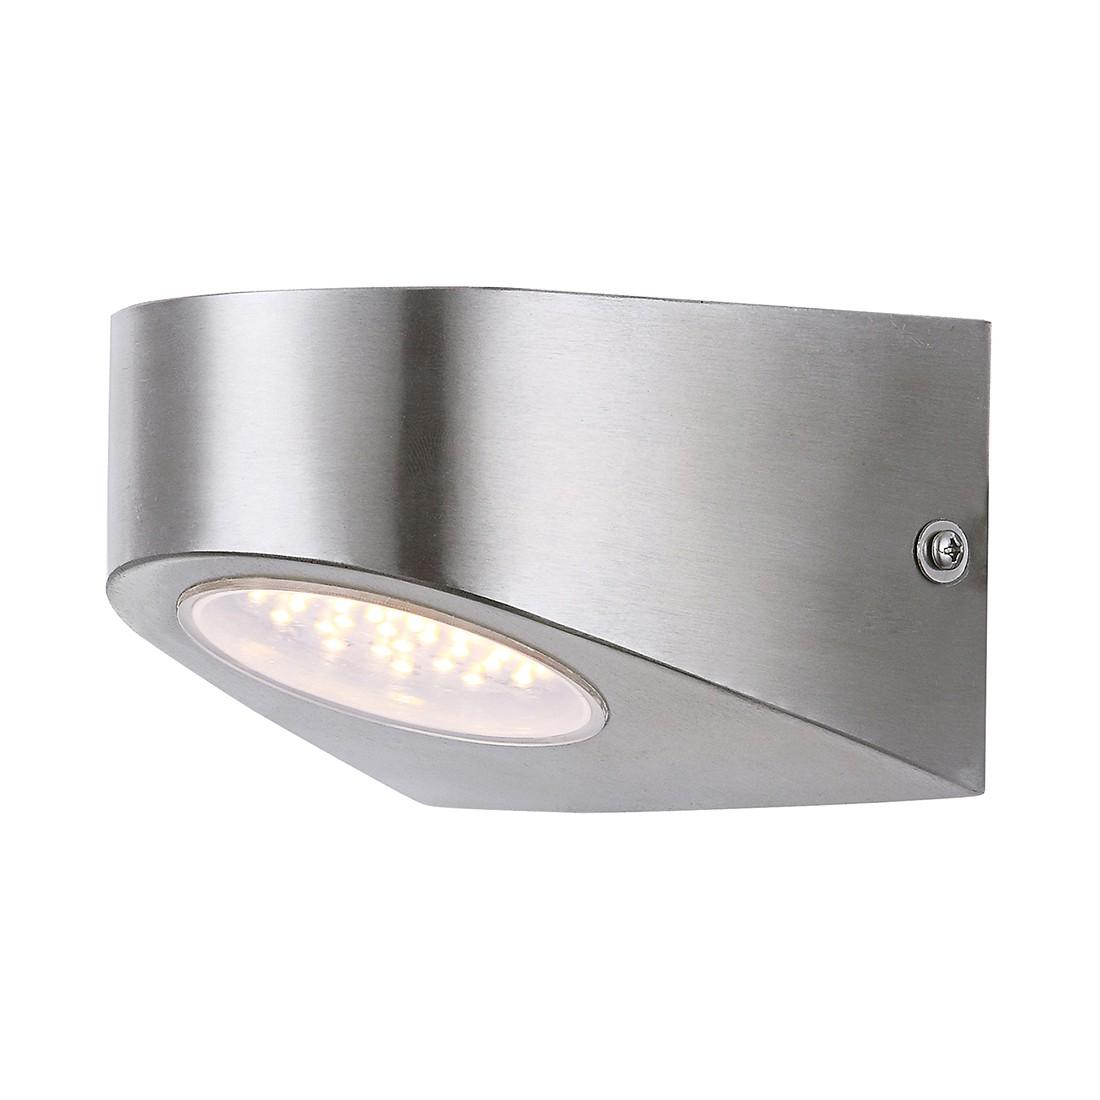 LED-Außenleuchte Edelstahl III by Globo ● Stahl/Kunststoff ● Silber- Globo Lighting A+